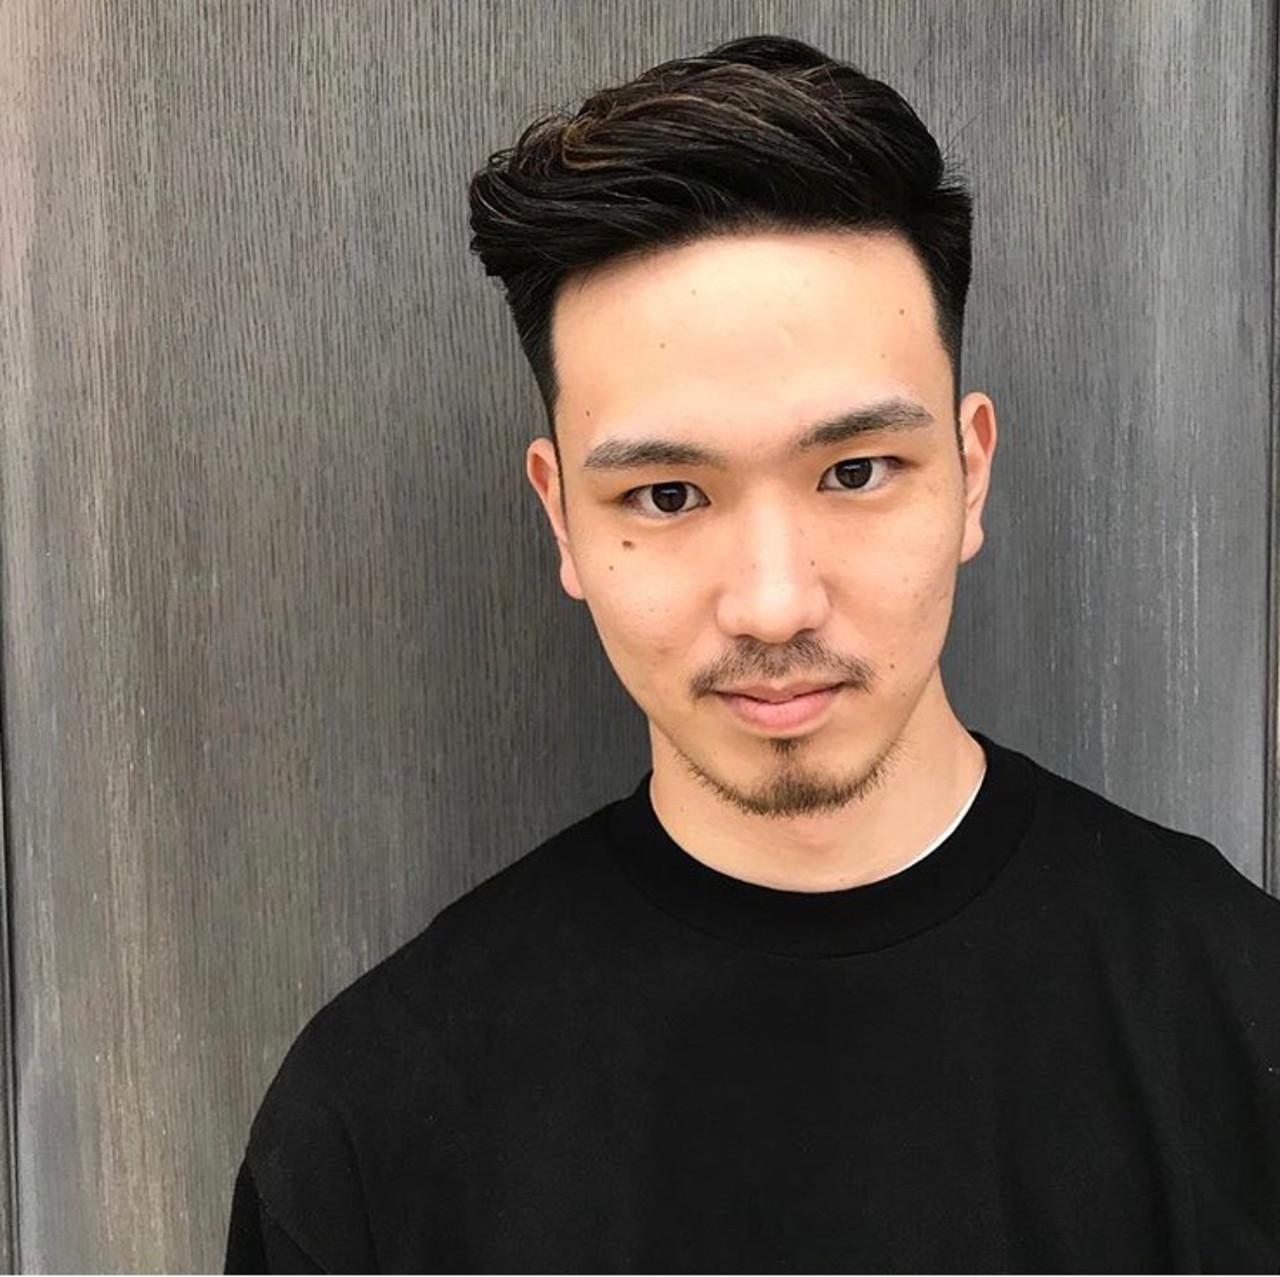 メンズヘア ショート ストリート メンズスタイル ヘアスタイルや髪型の写真・画像 | 澤江 啓司 / K-two KYOTO